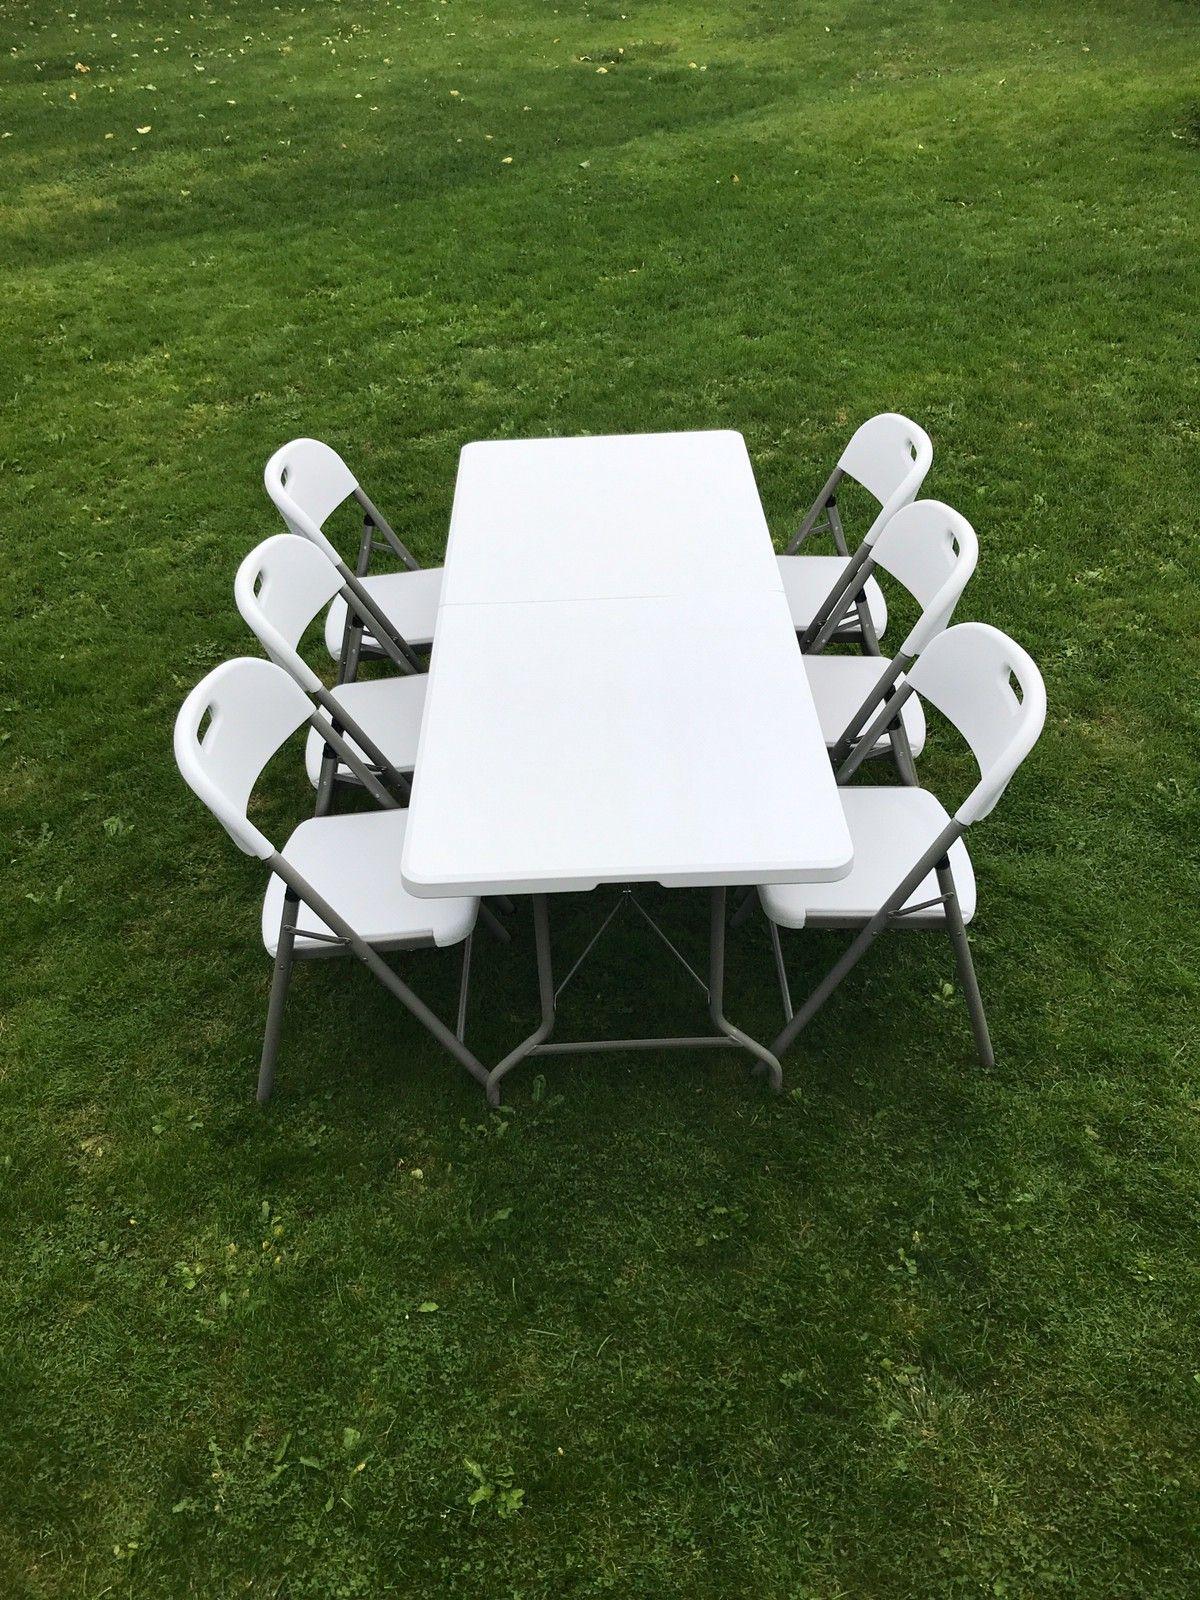 Leier ut sammenleggbare bord og klappstoler   FINN.no